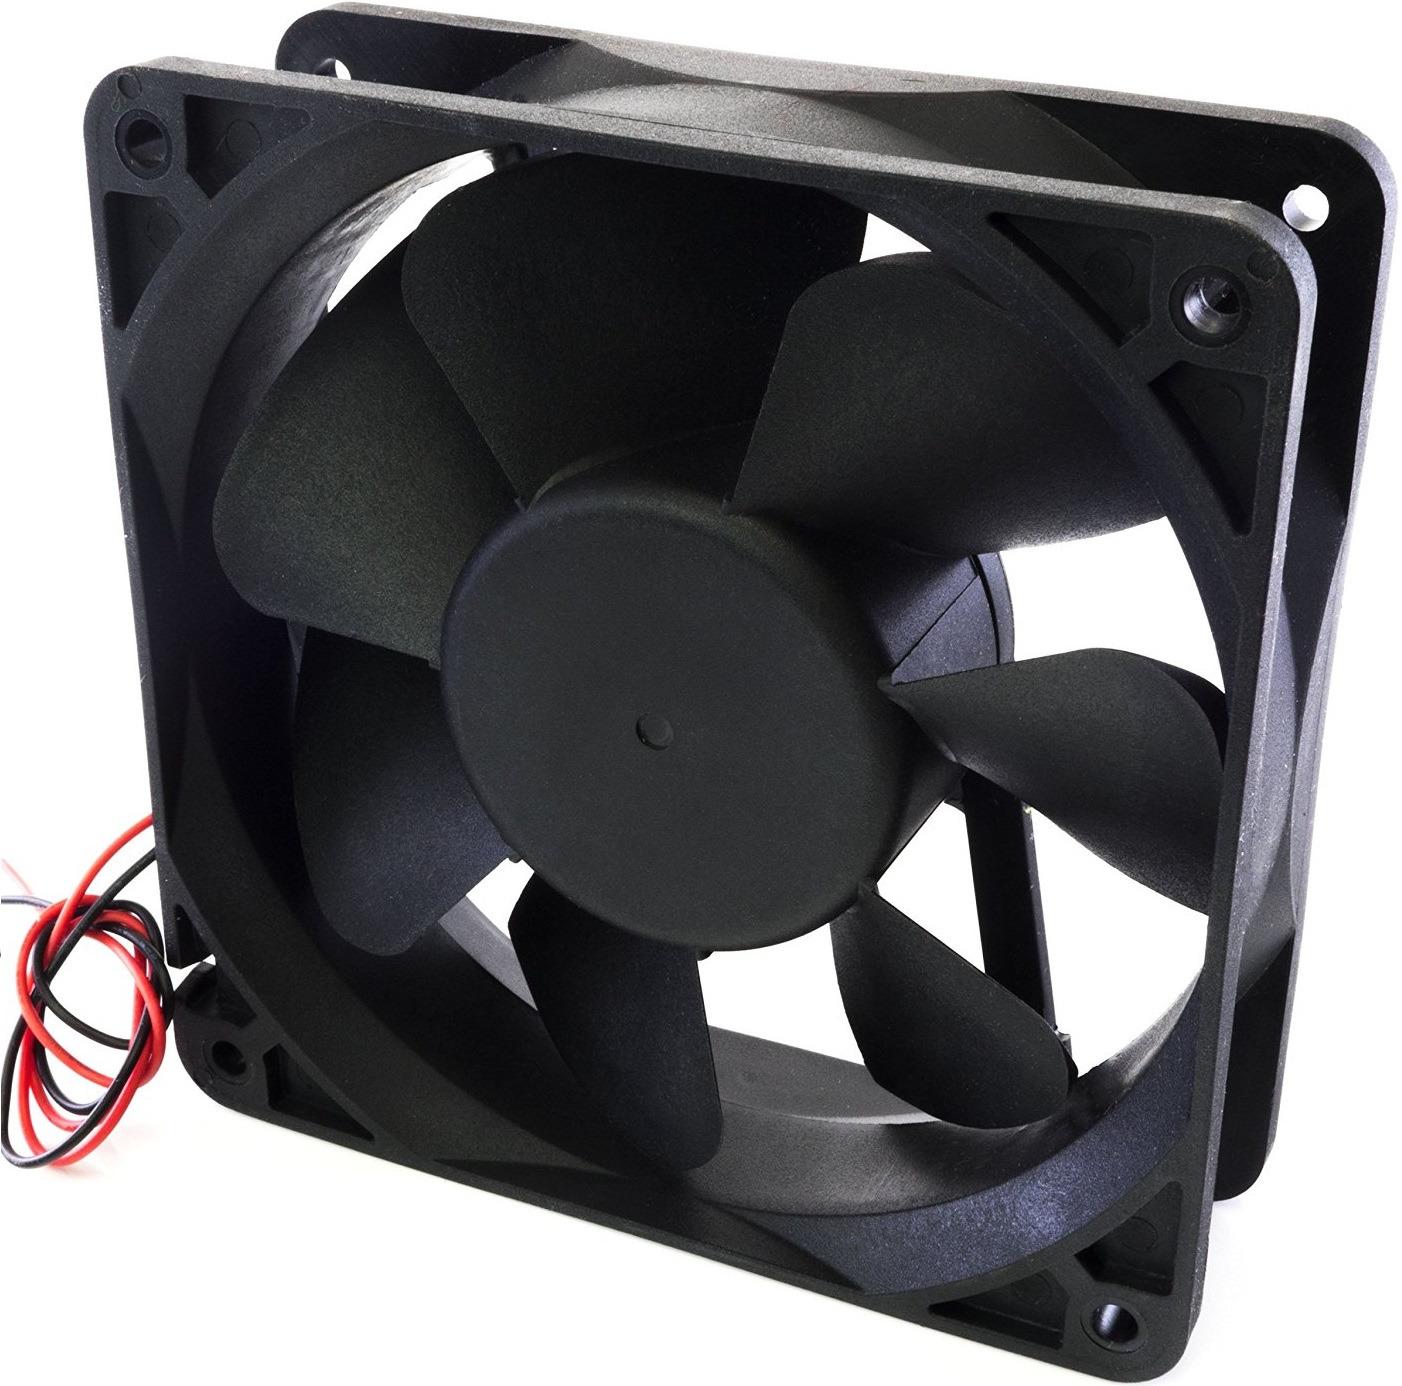 Вентилятор компьютерный Titan, TFD-9225L12Z, черный titan tfd 9225l12z